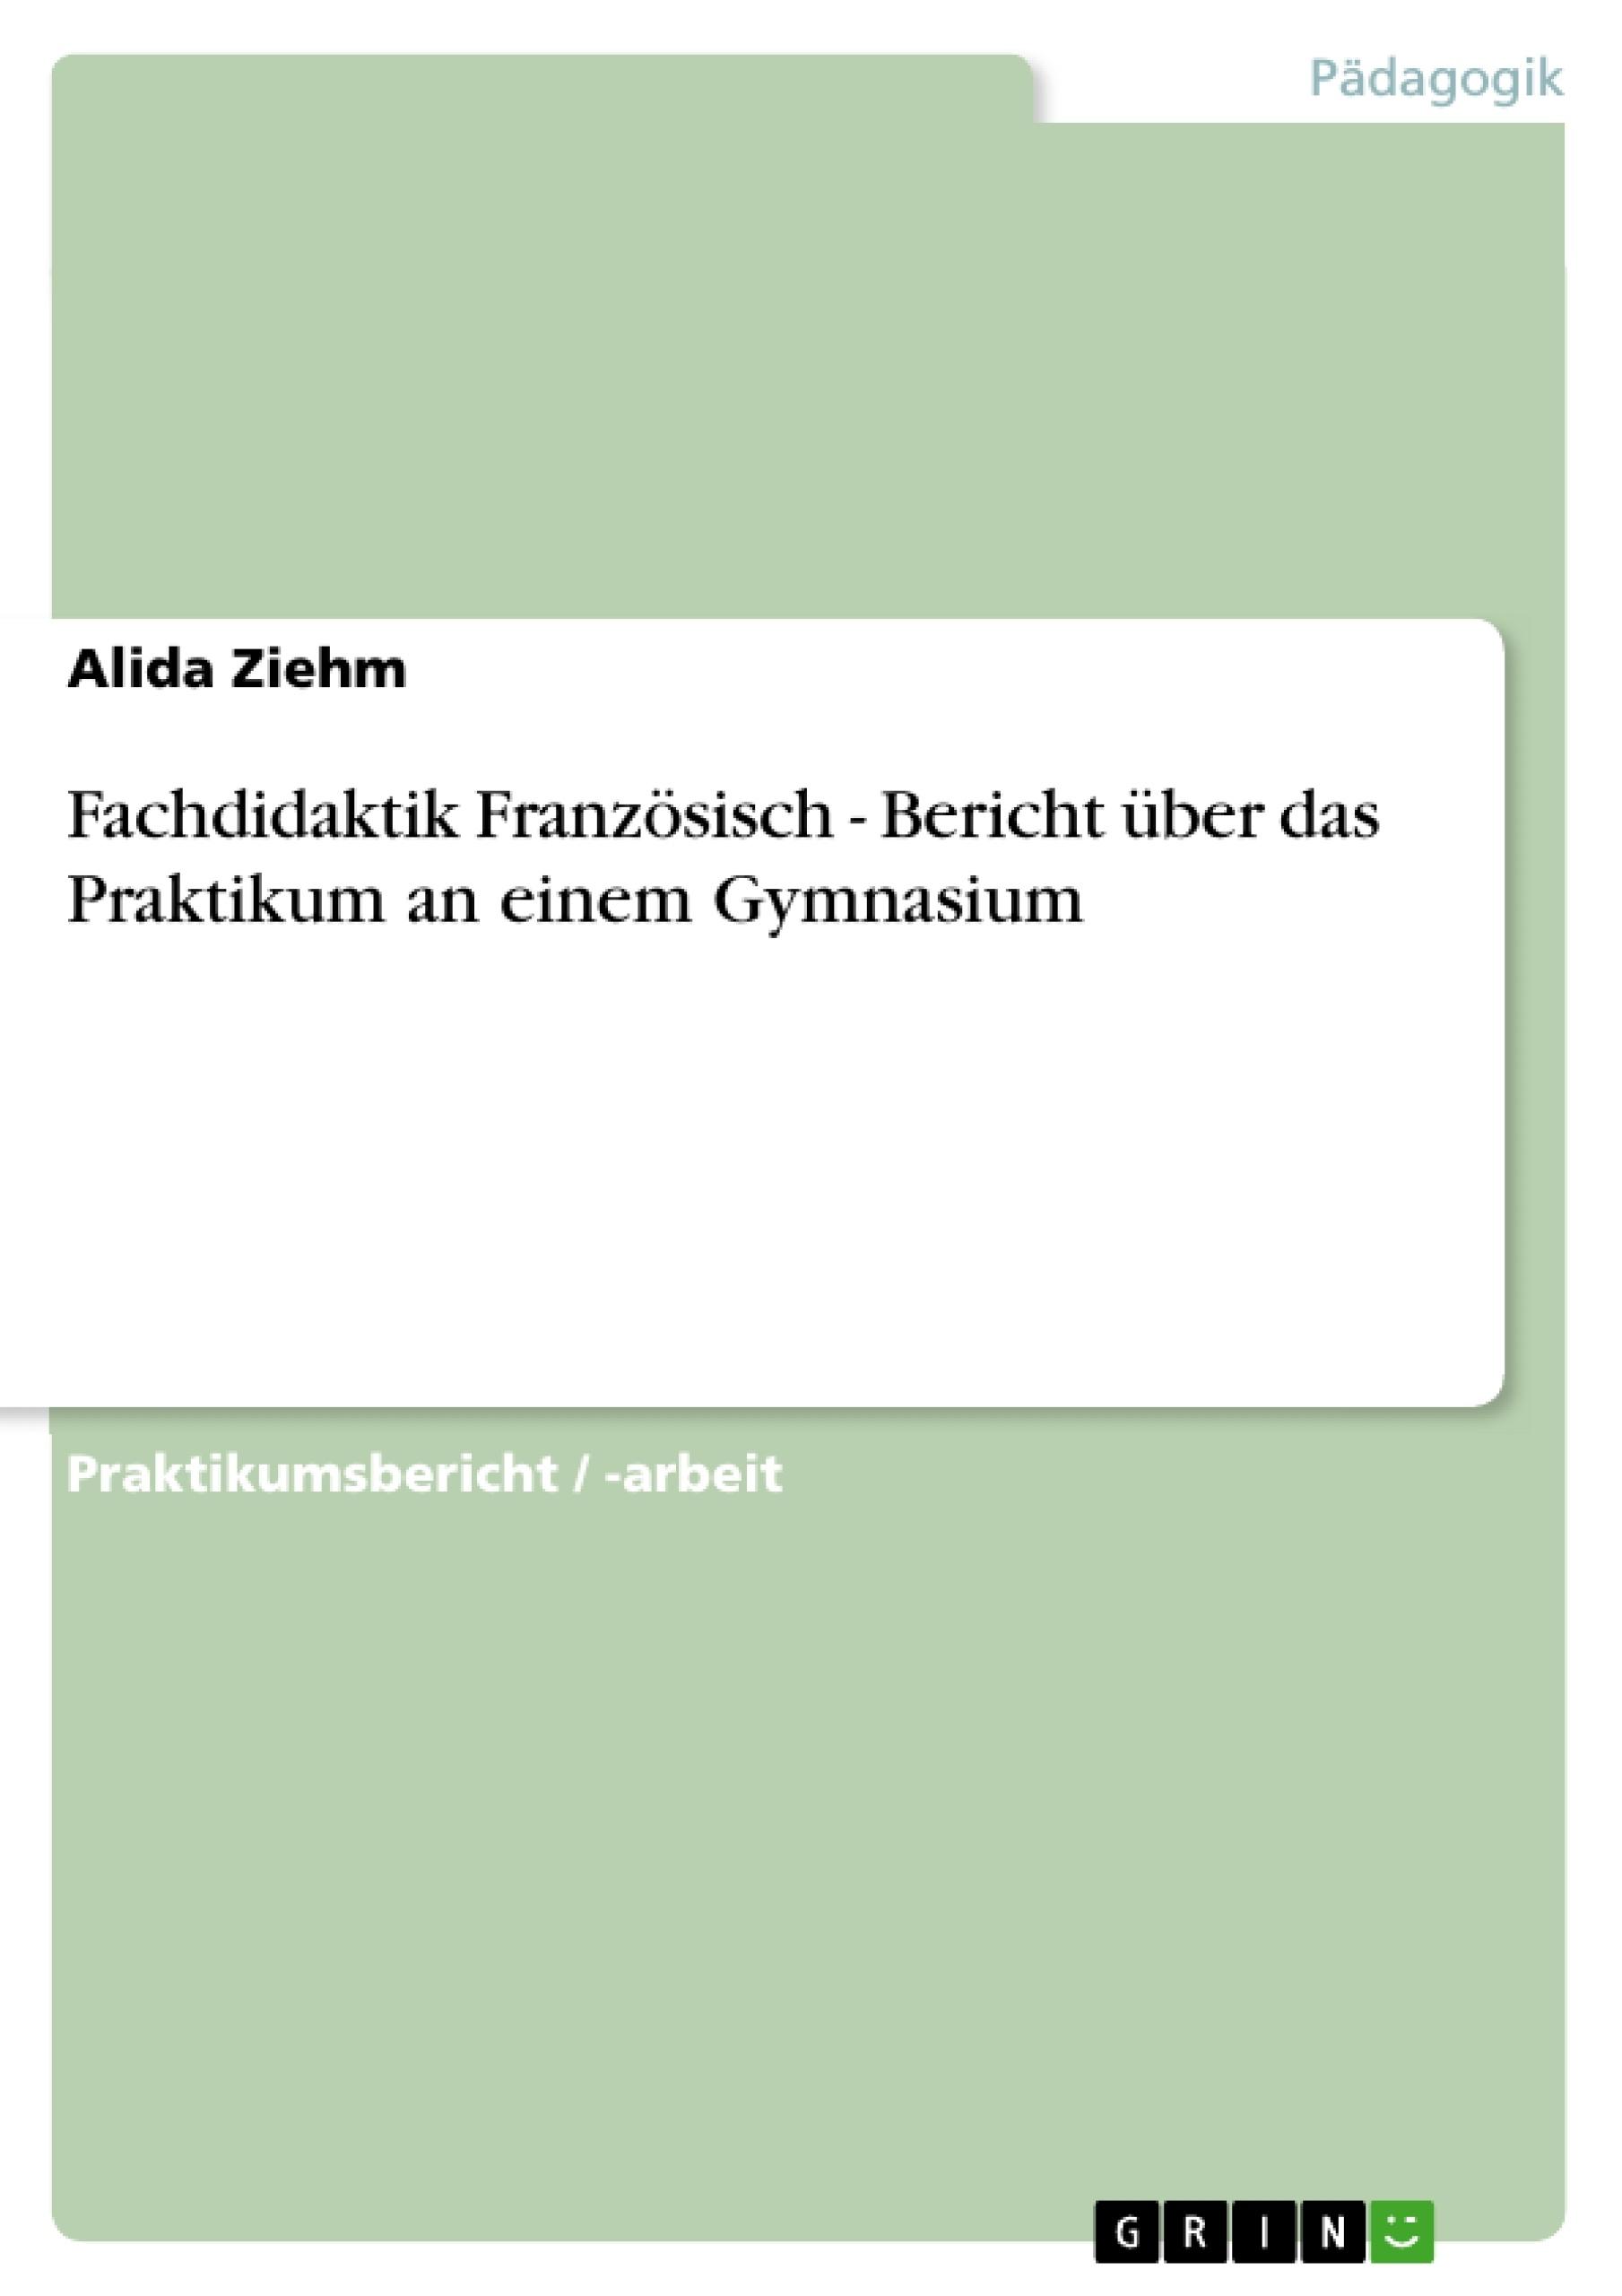 Titel: Fachdidaktik Französisch - Bericht über das Praktikum an einem Gymnasium